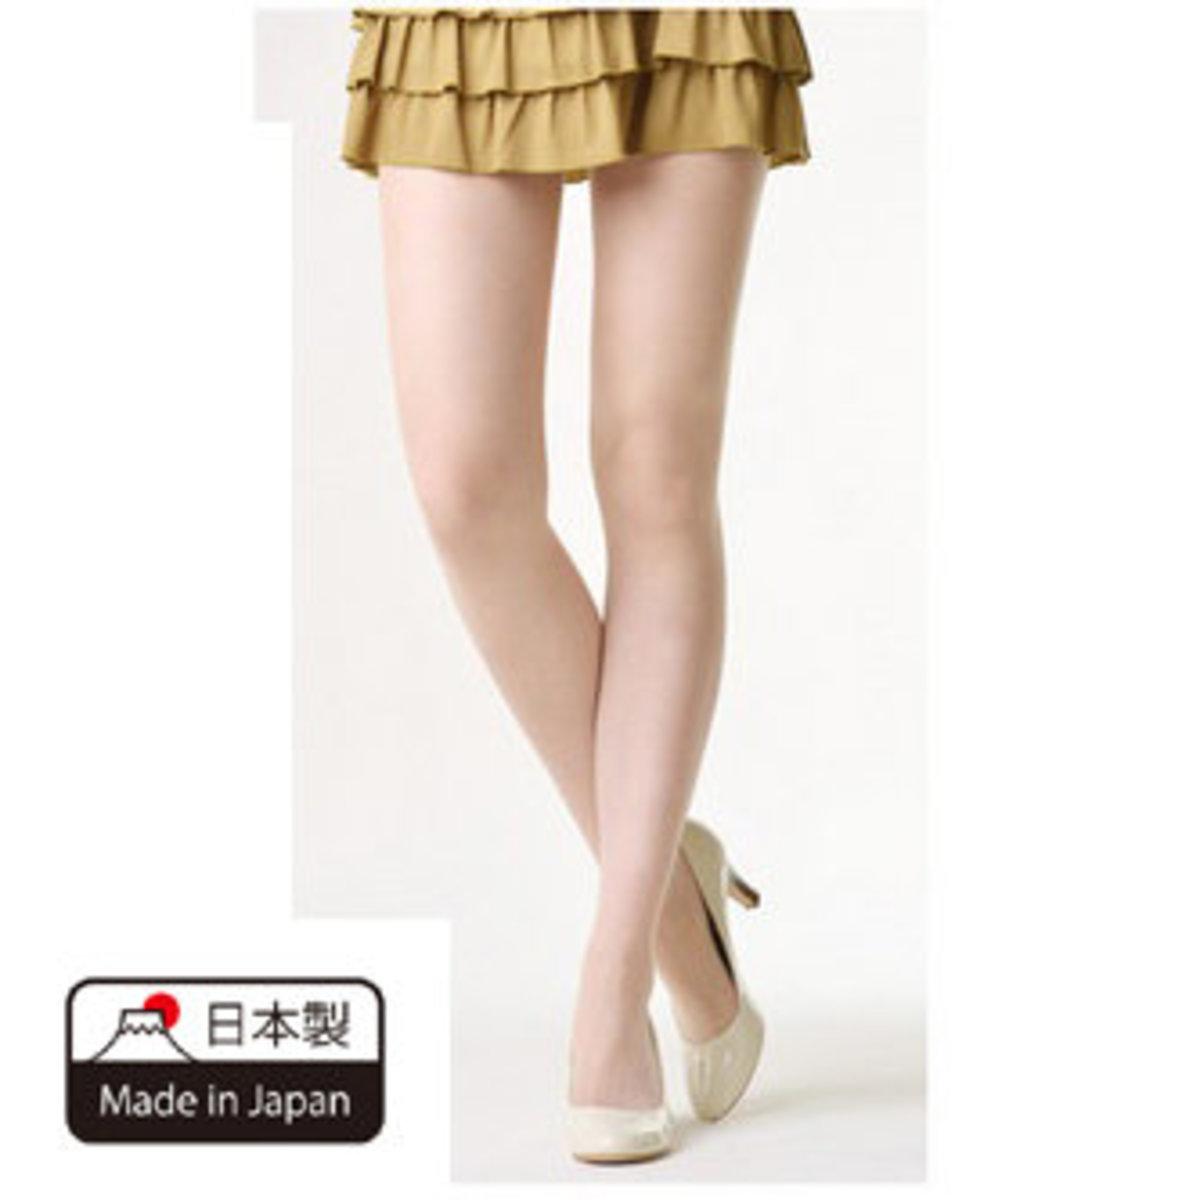 日本制防鈎絲襪褲 (杏色) Size : L-LL 抗菌抗UV防靜電